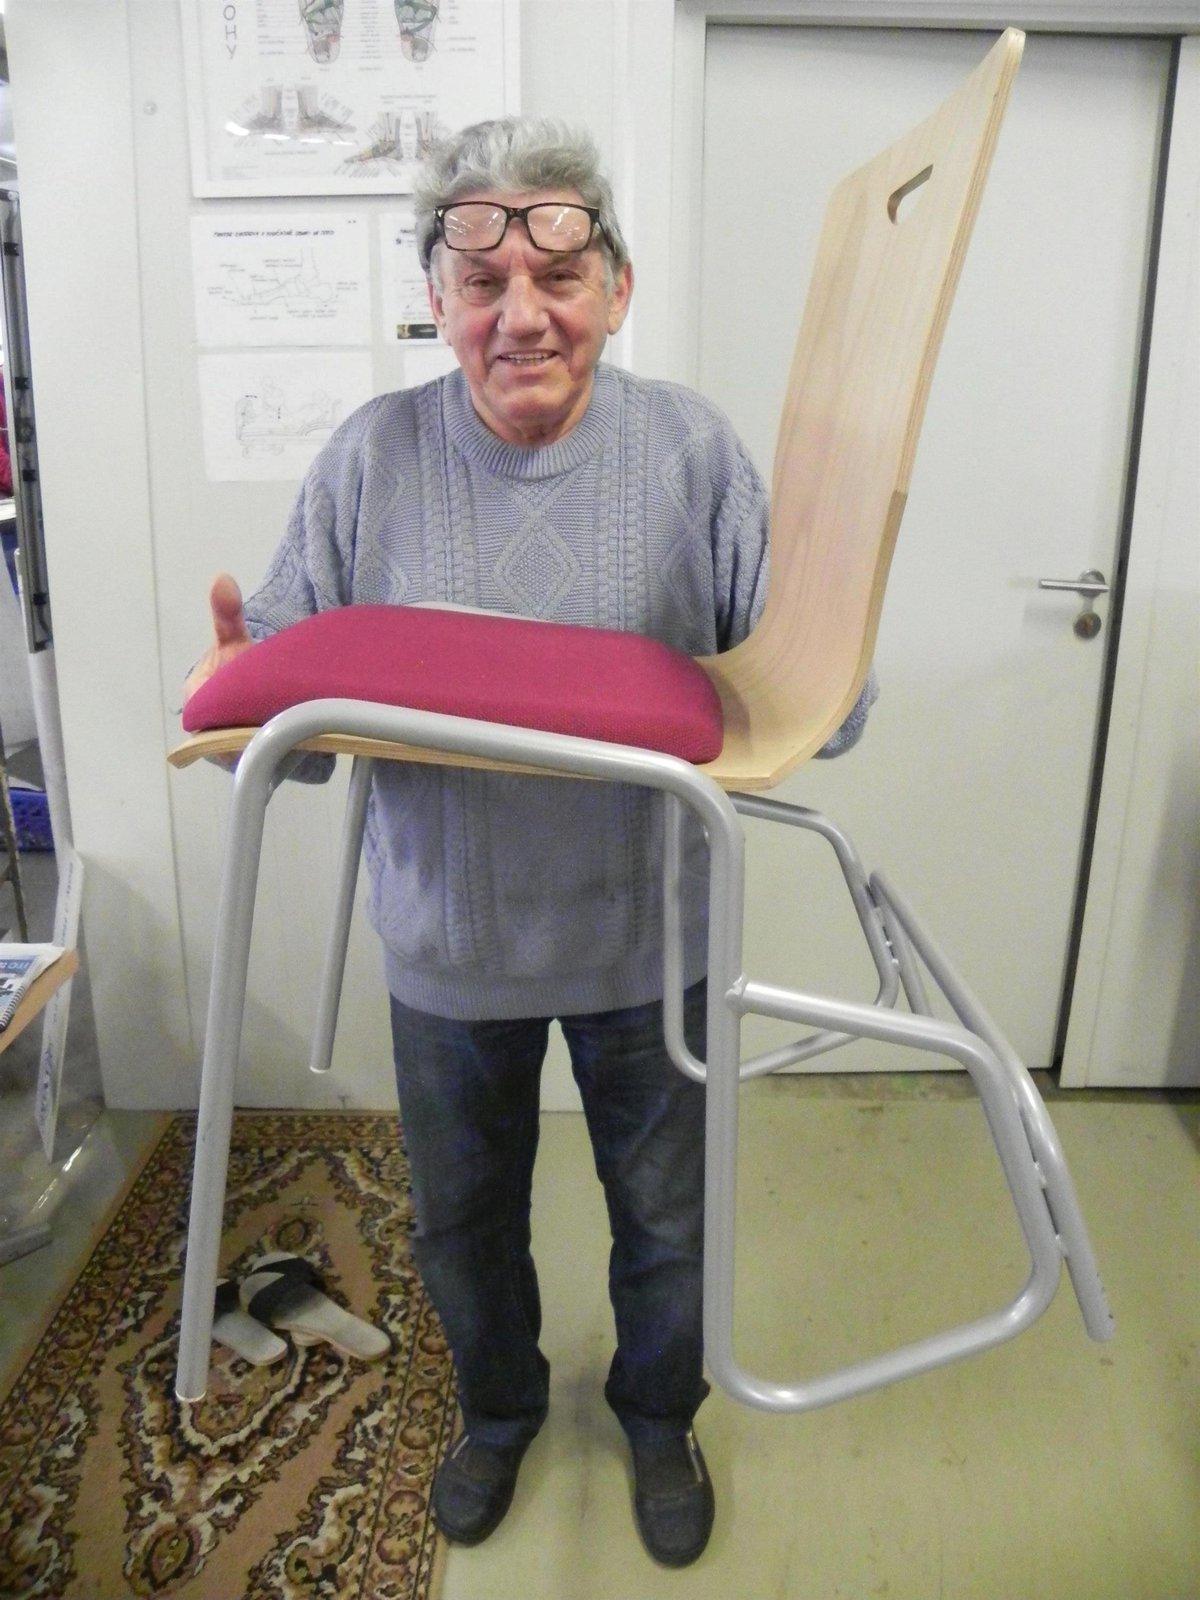 Procvičovací židle šestinožka, další Hanákův vynález. Je určena lidem, kteří nemohou ujít delší trasy, například zdravotně postiženým.